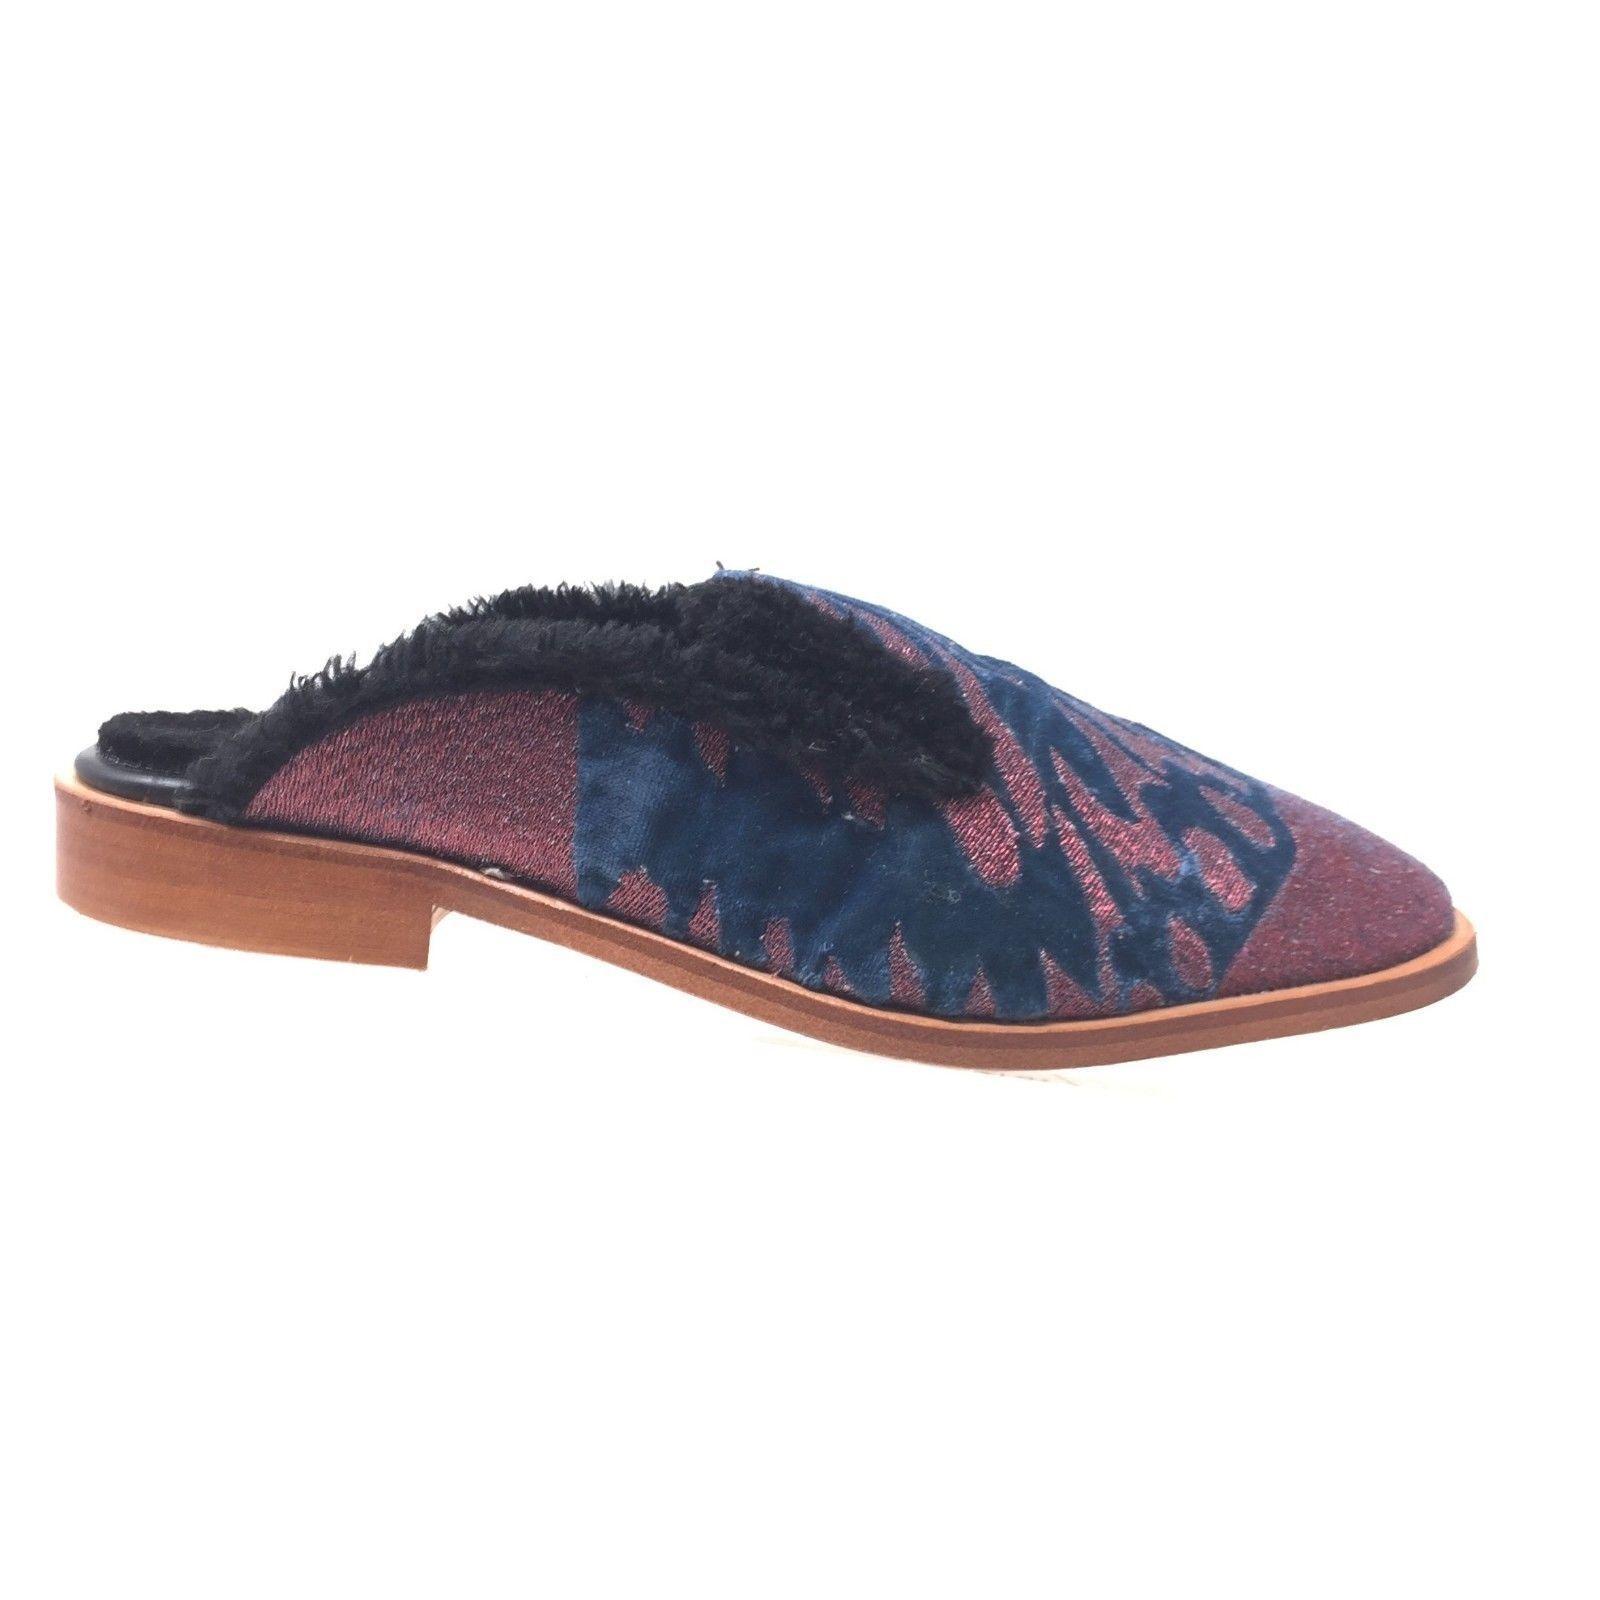 NEW Free People Slip-On Butterfly Effect Faux Fur  Slip-On People Mules Größe 41/10 a695d4